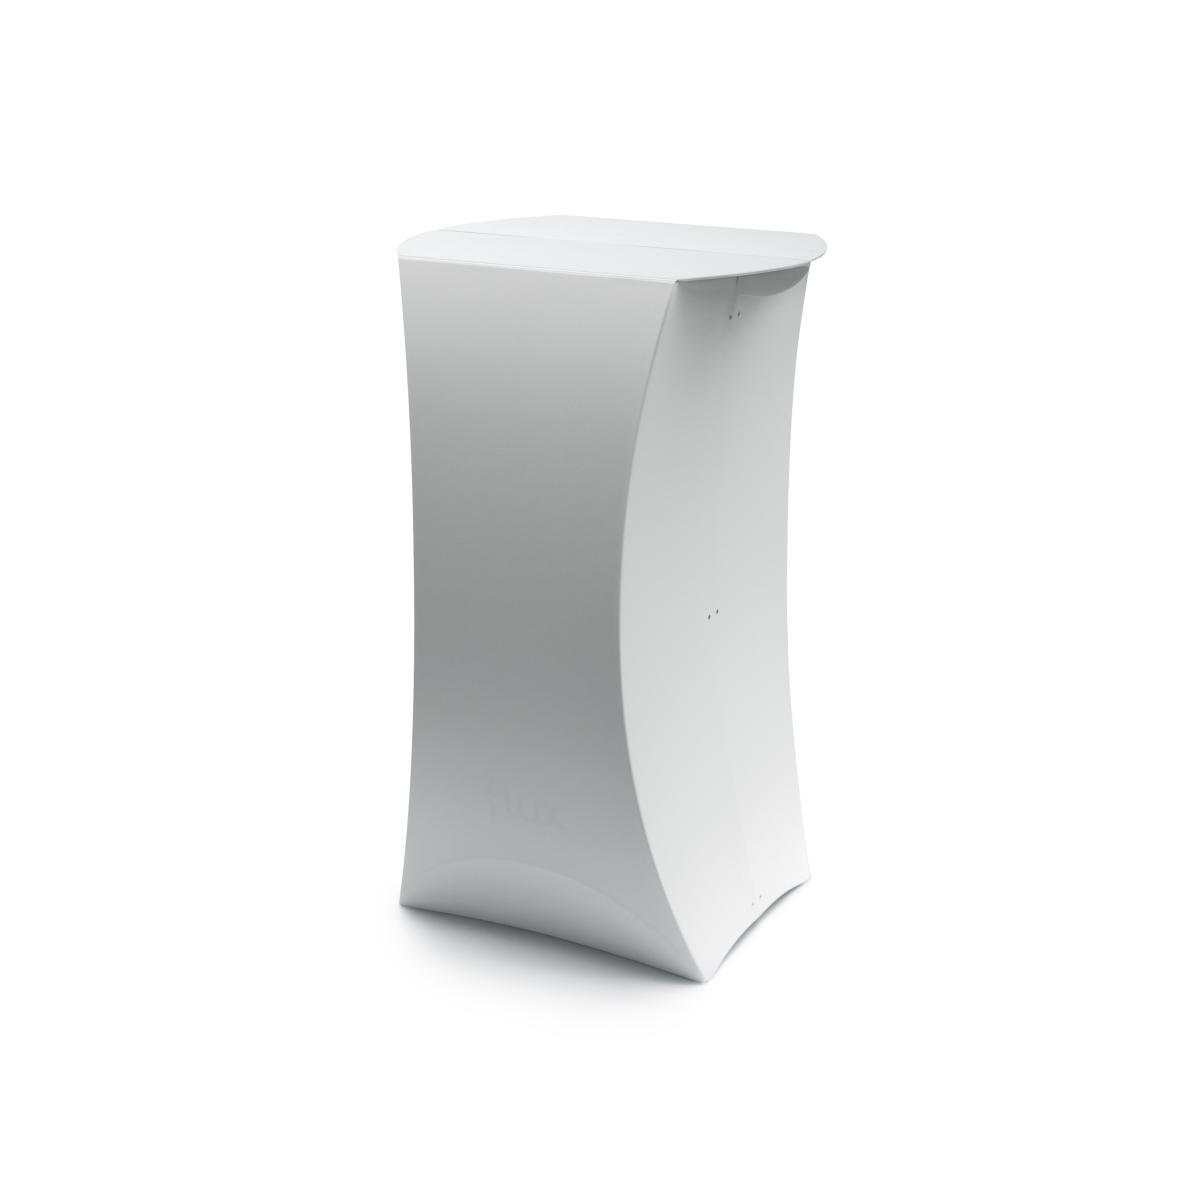 FLUX COLUMN faltbarer Stehtisch weiß